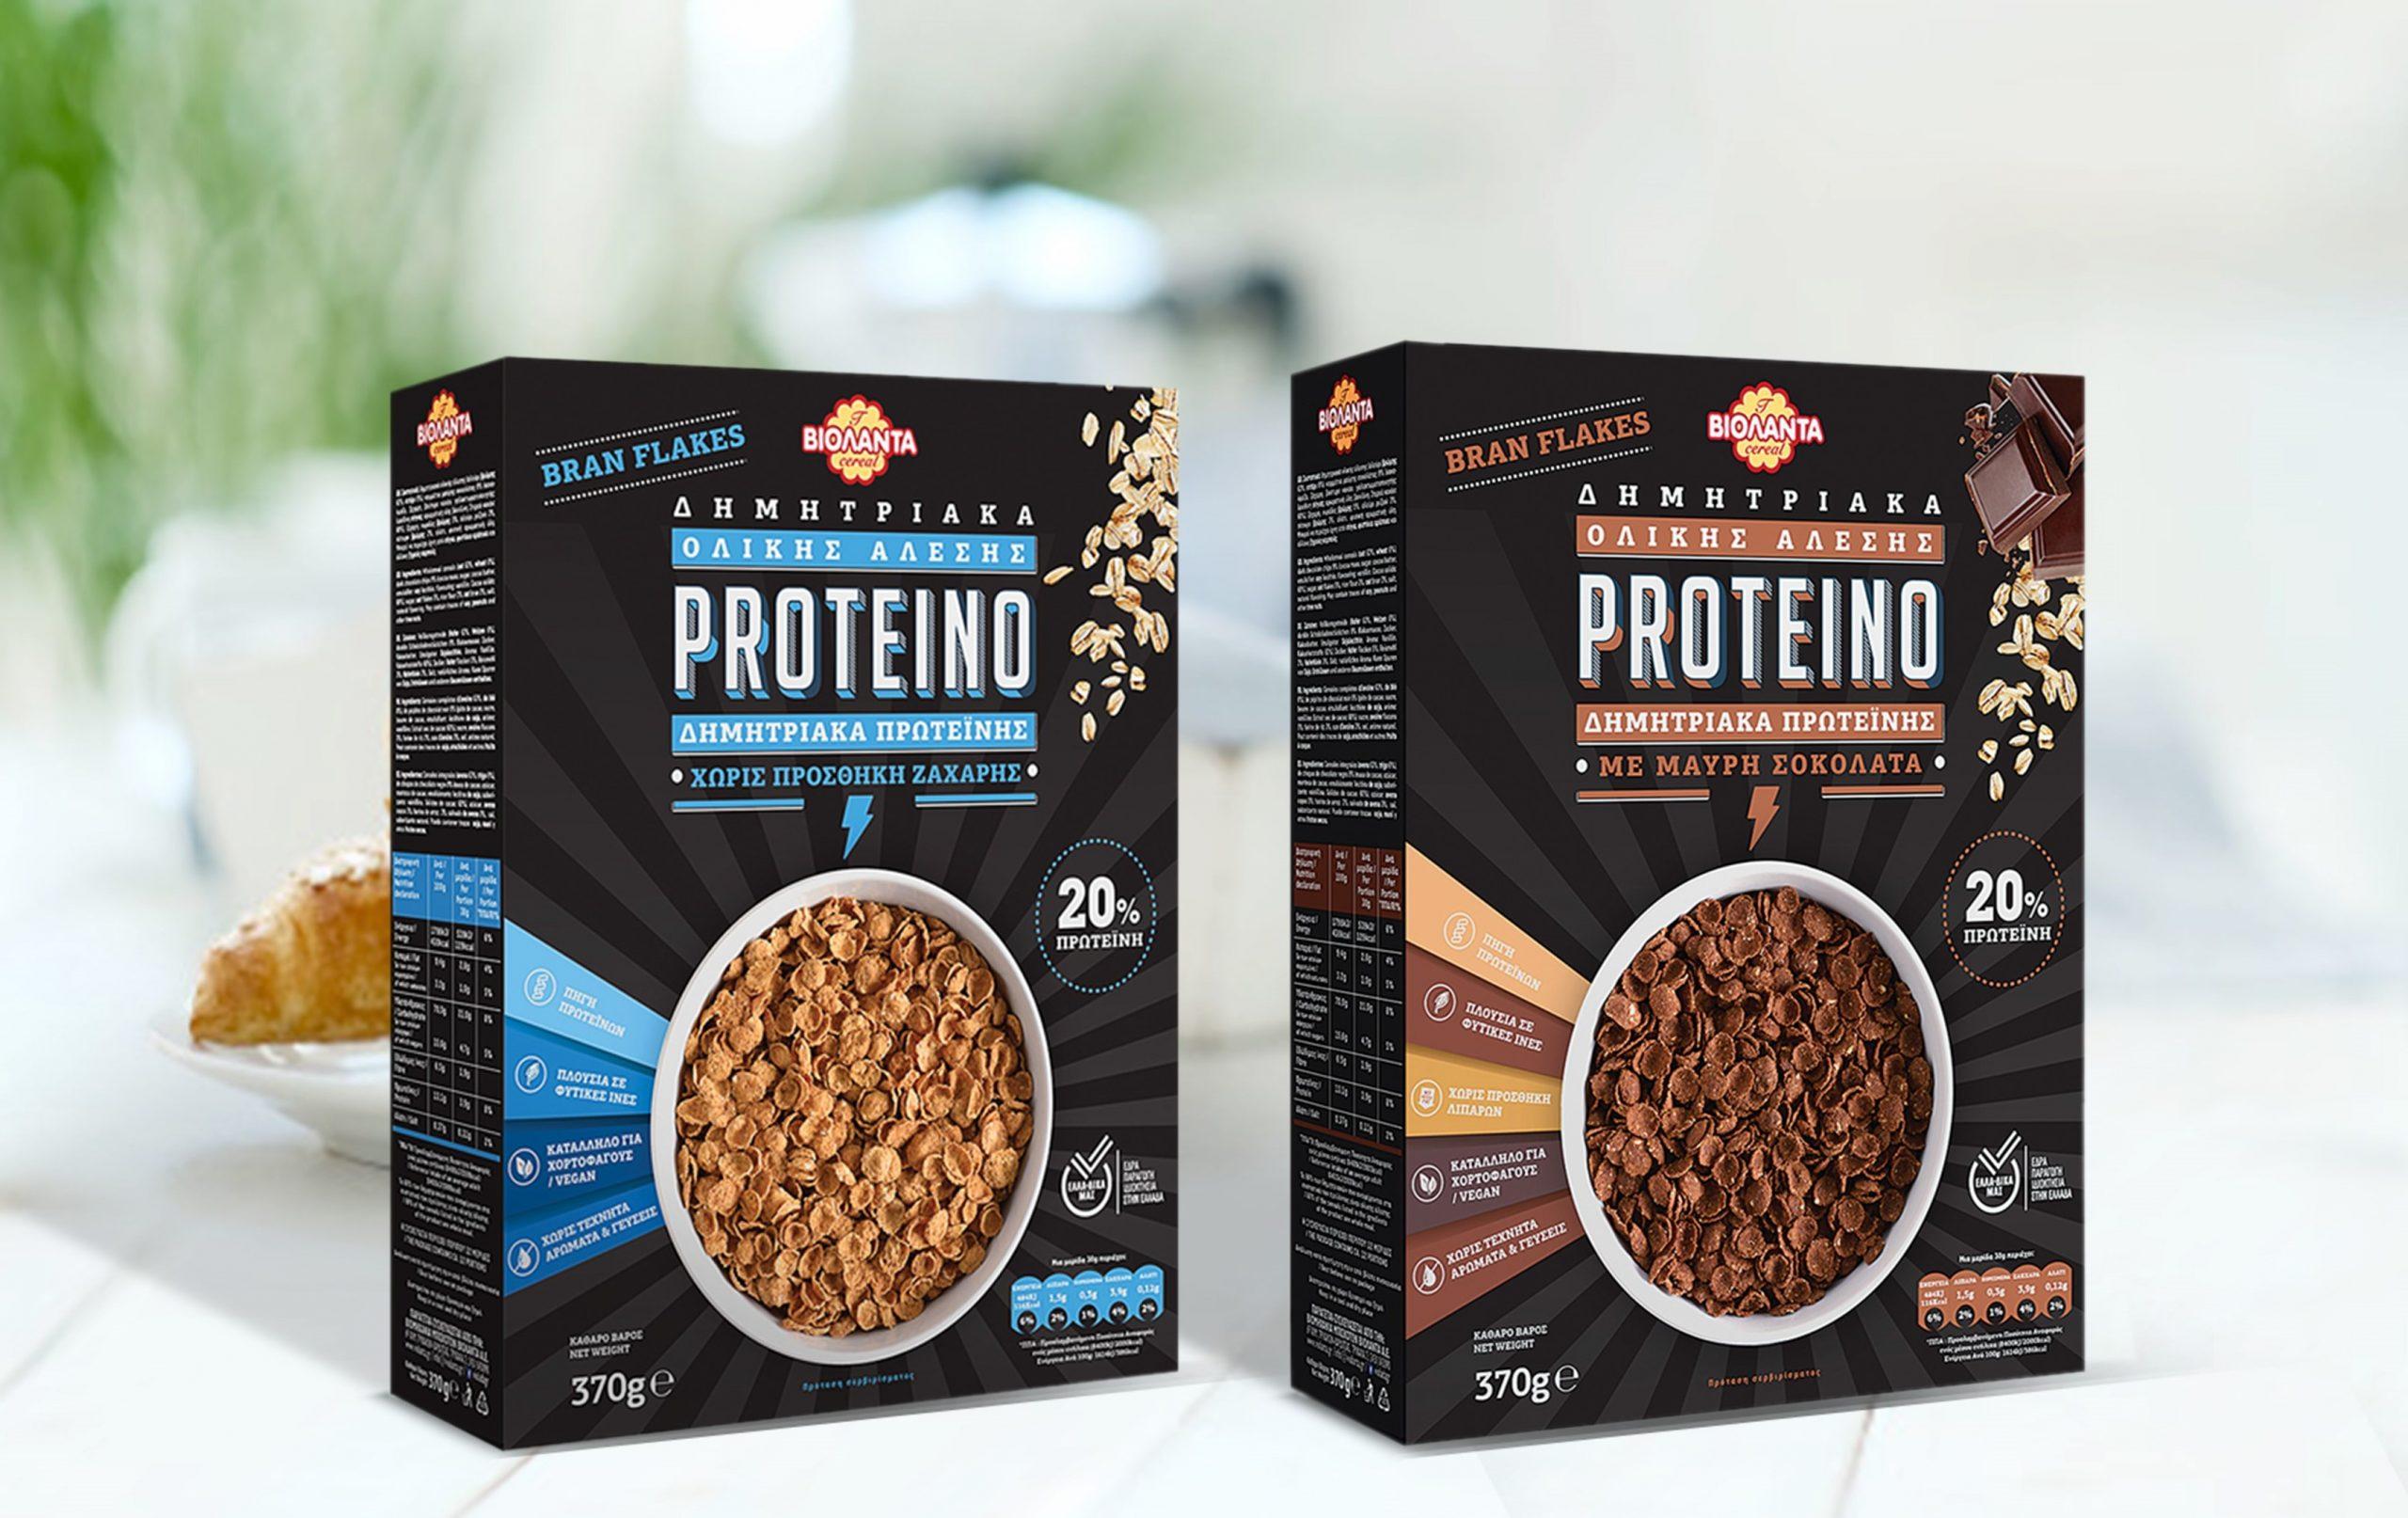 βιολάντα proteino